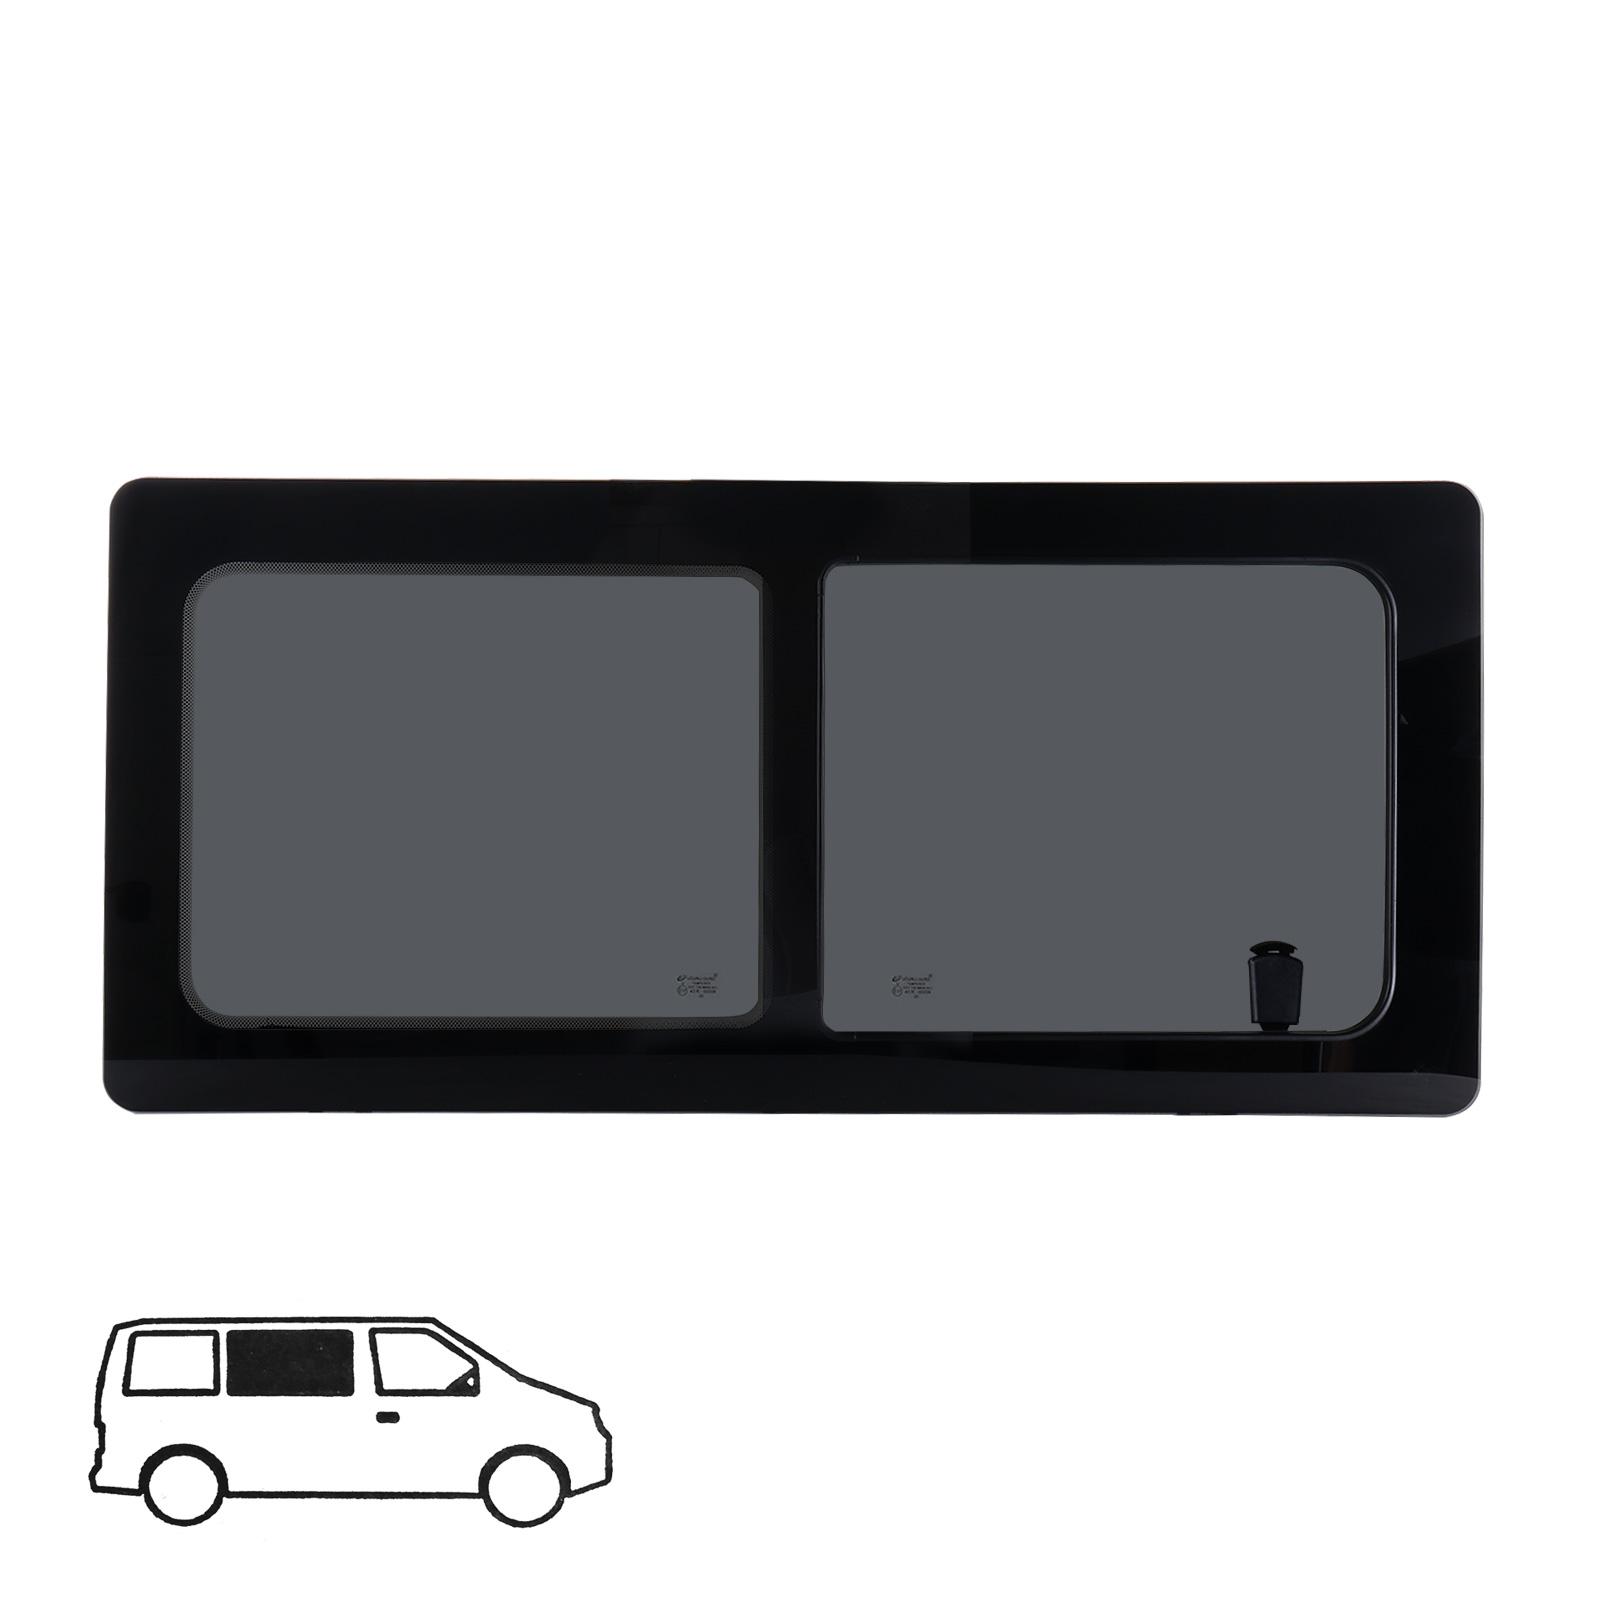 Schiebefenster rechts Glasfenster für VW T4 Echtglas 113 x 53 cm Bj. 90-04